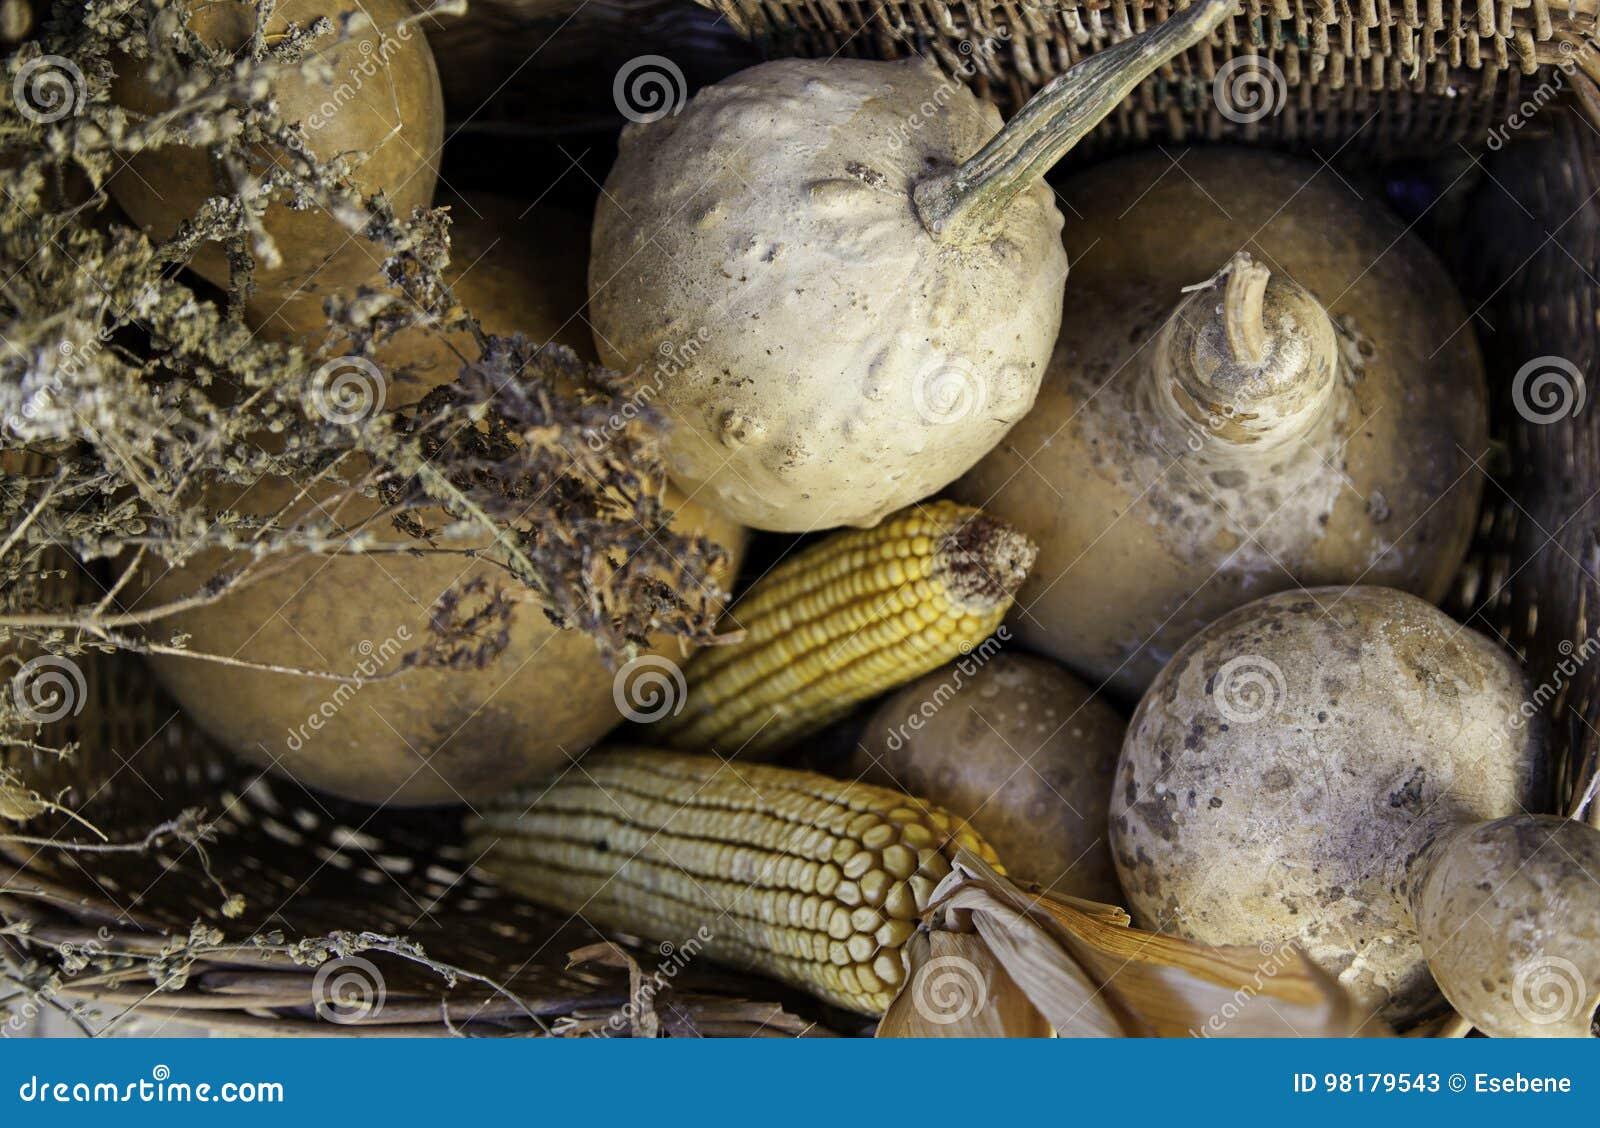 Καλαμπόκι και κολοκύθες σε ένα παραδοσιακό καλάθι